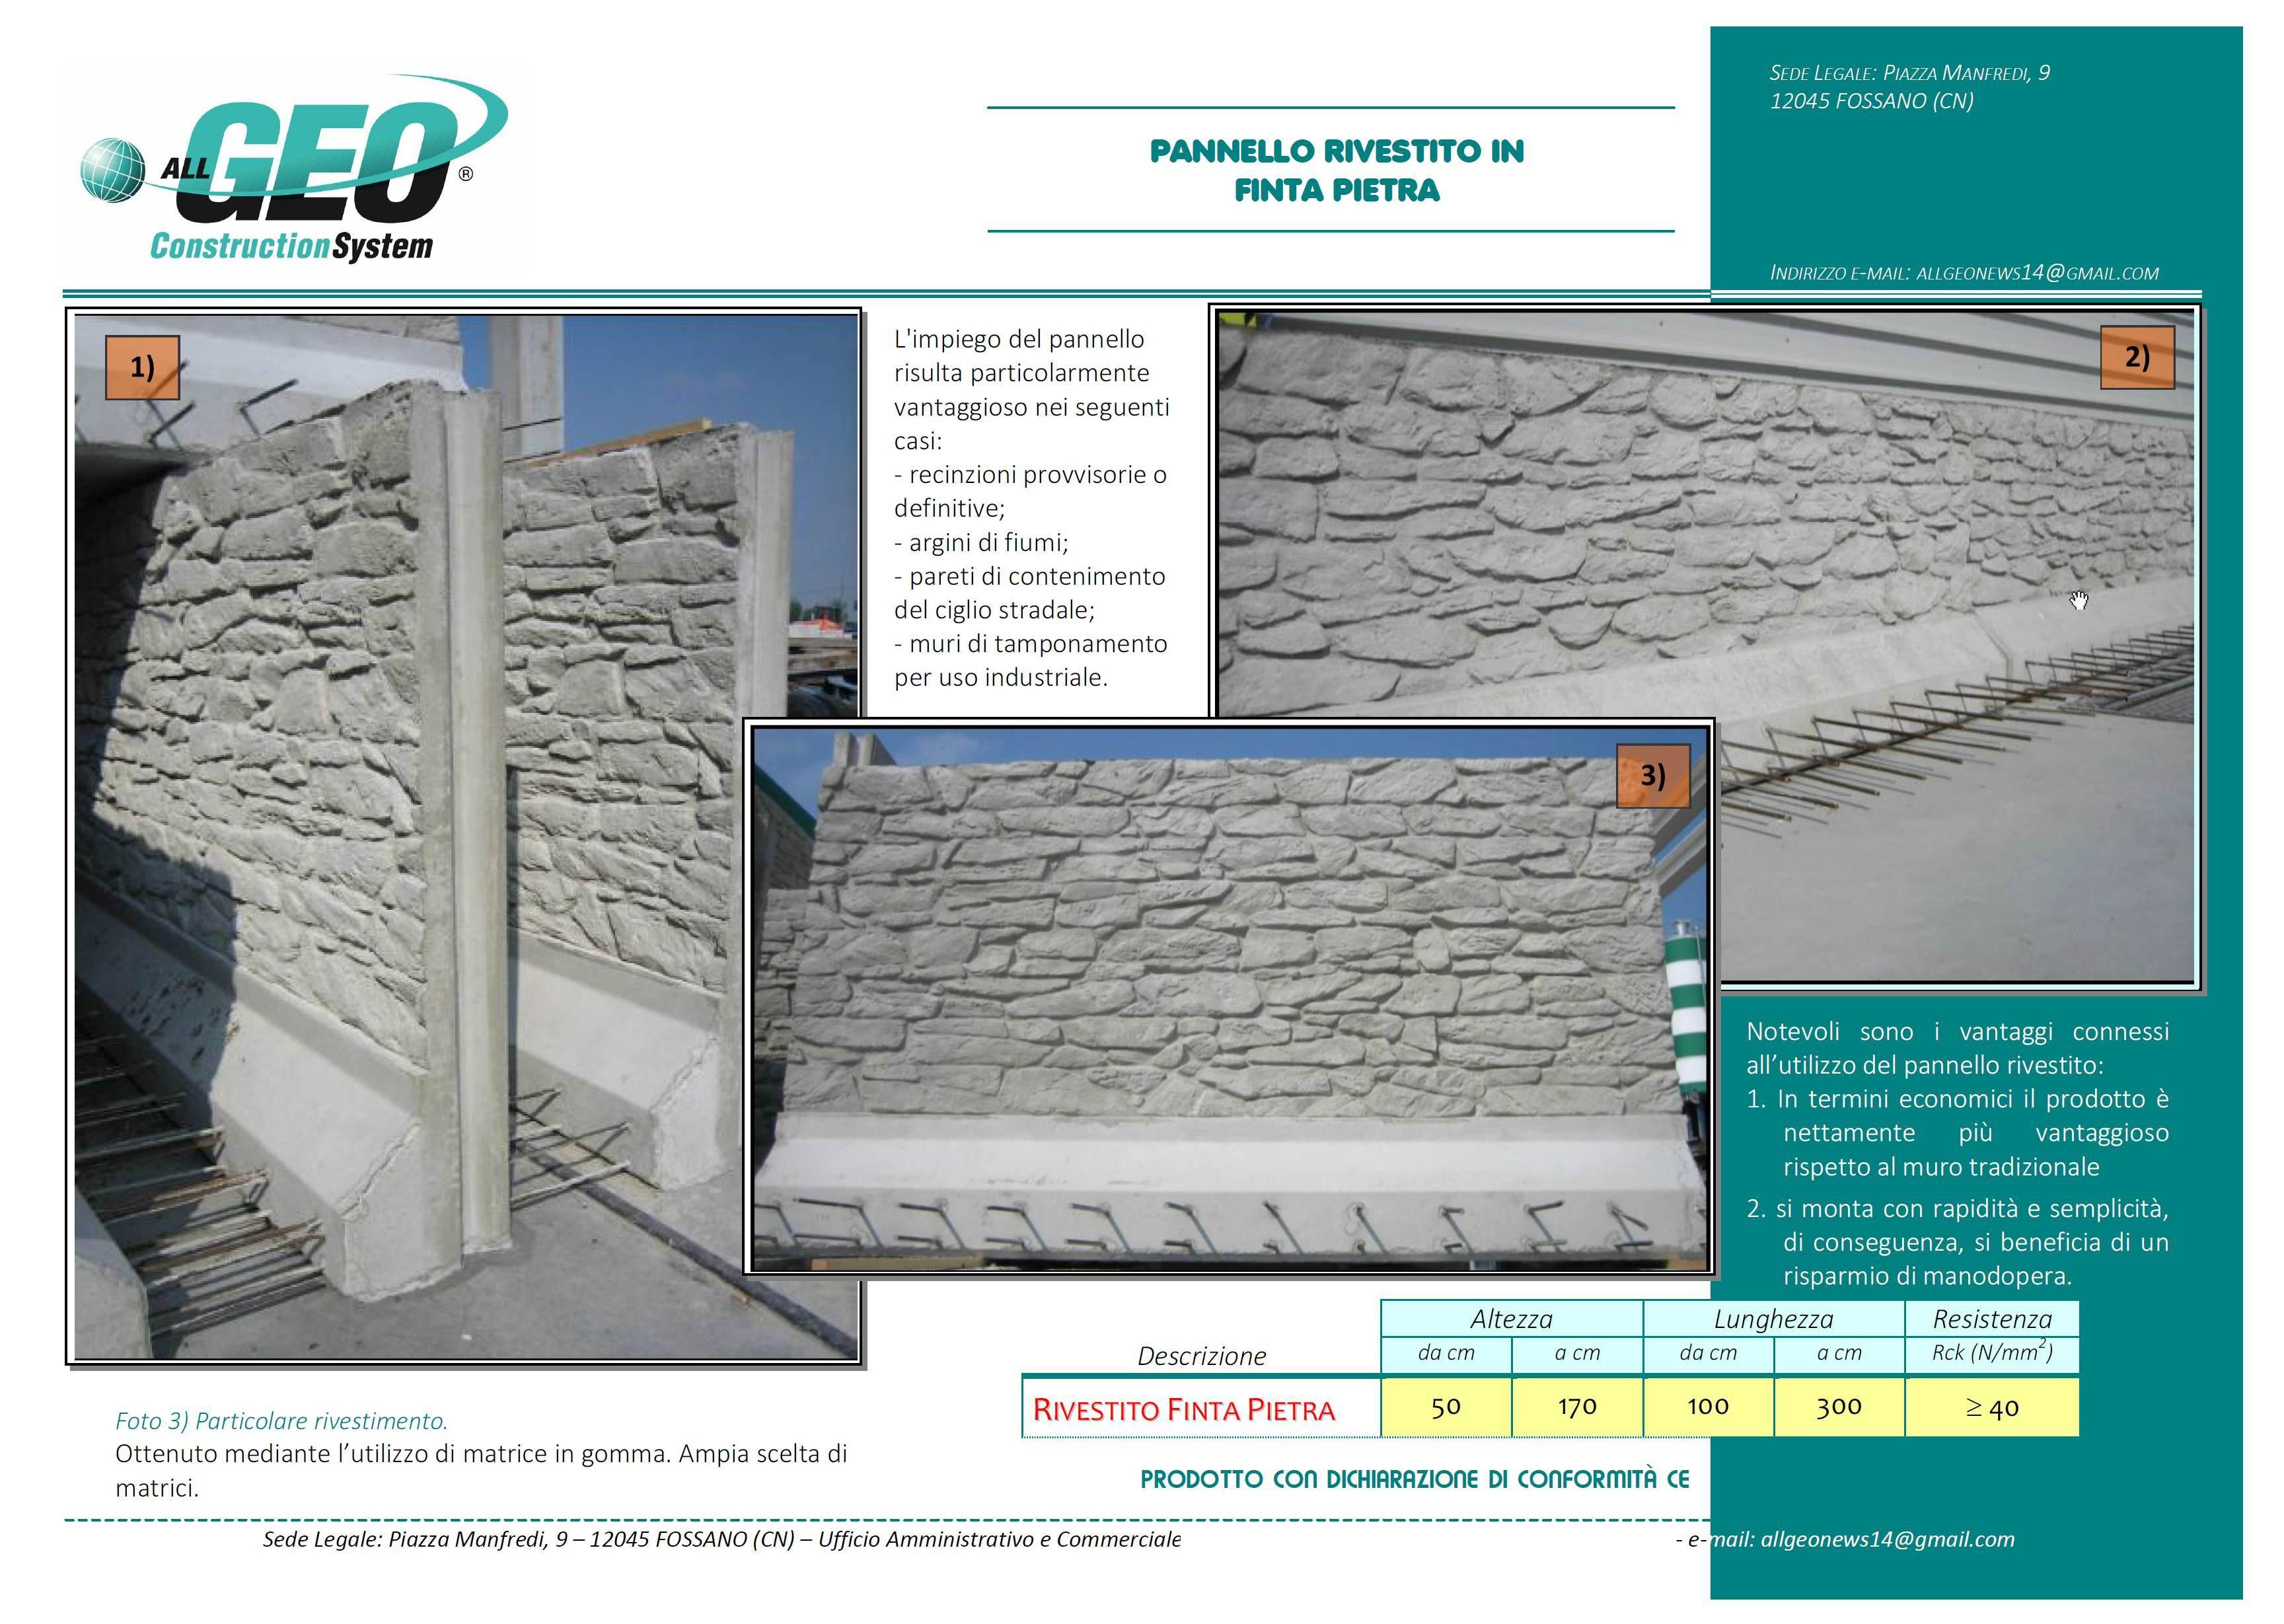 Paramento in finta pietra for Listino prezzi pannelli finta pietra